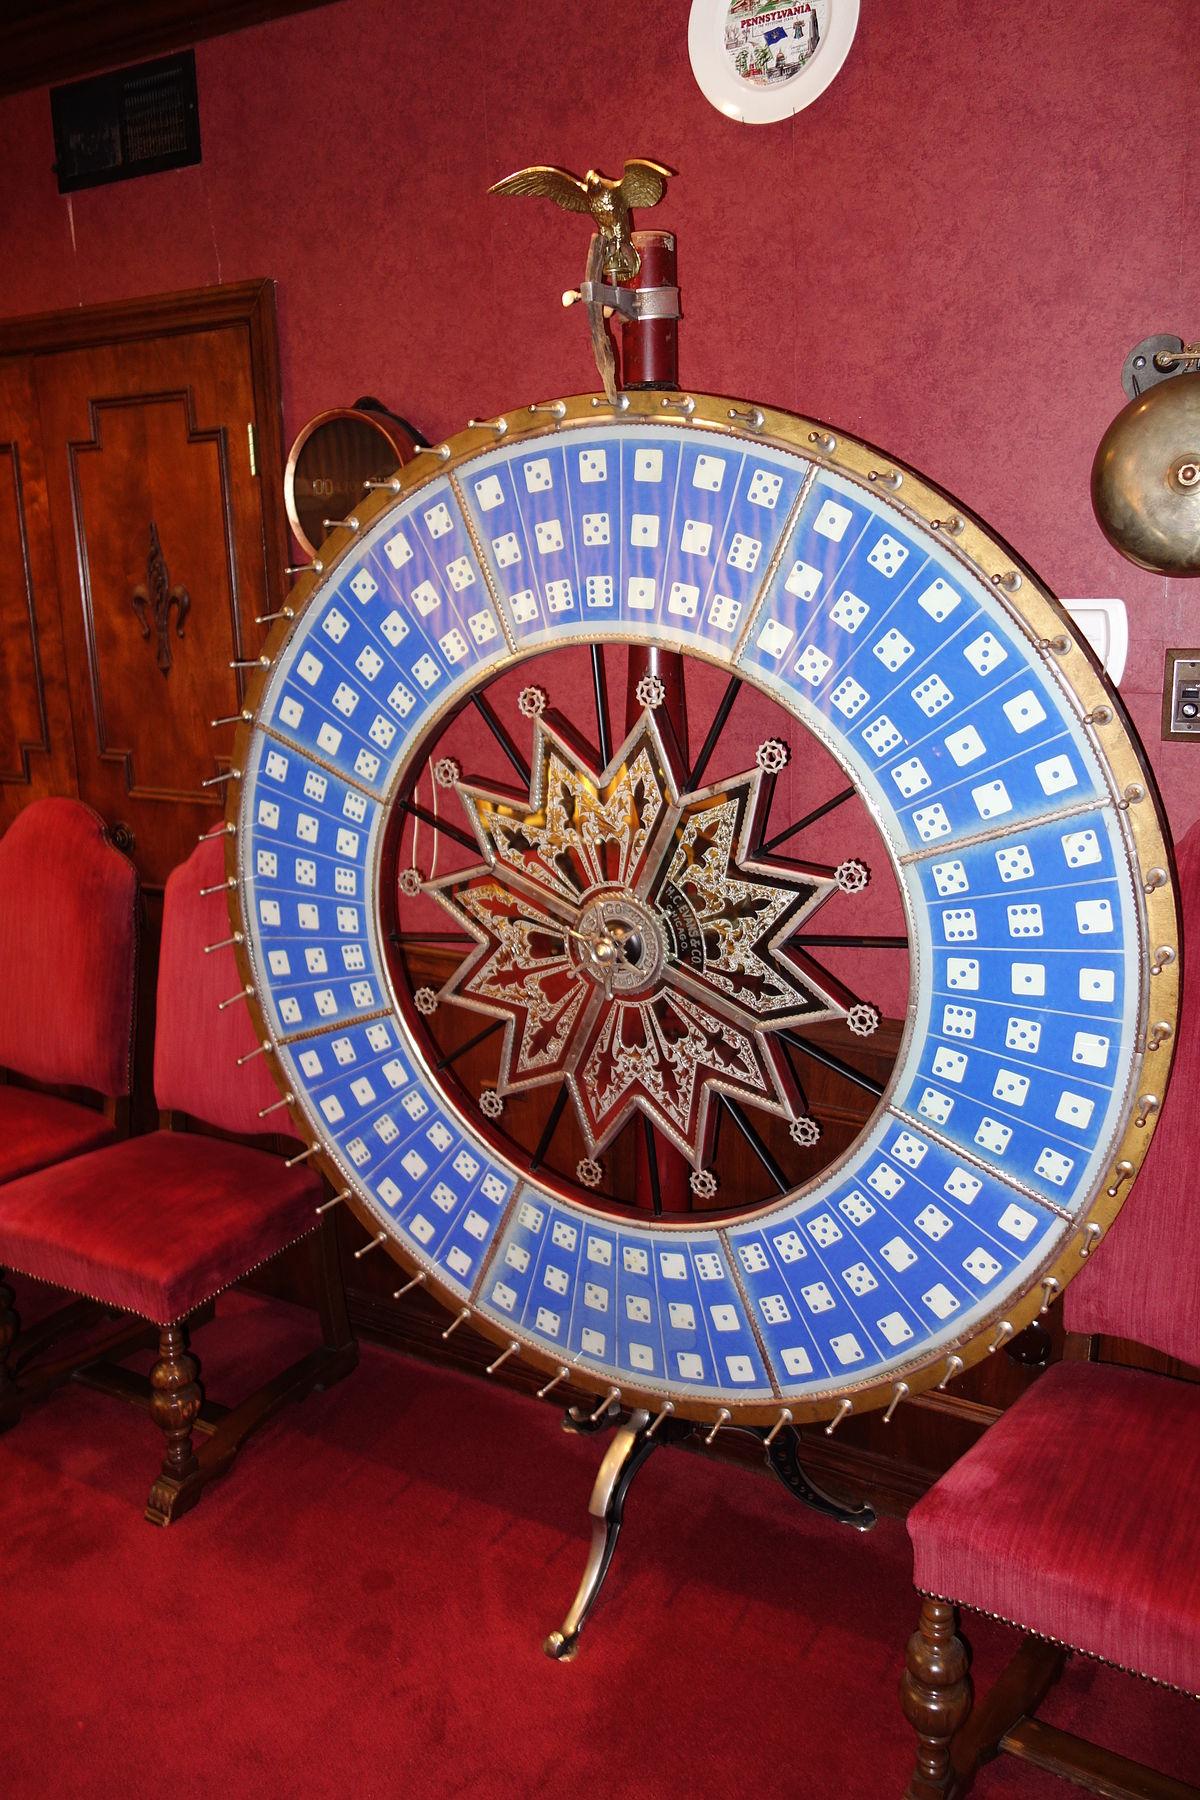 Looking to purchase casino big 6 wheel casino firelake grand ok shawnee